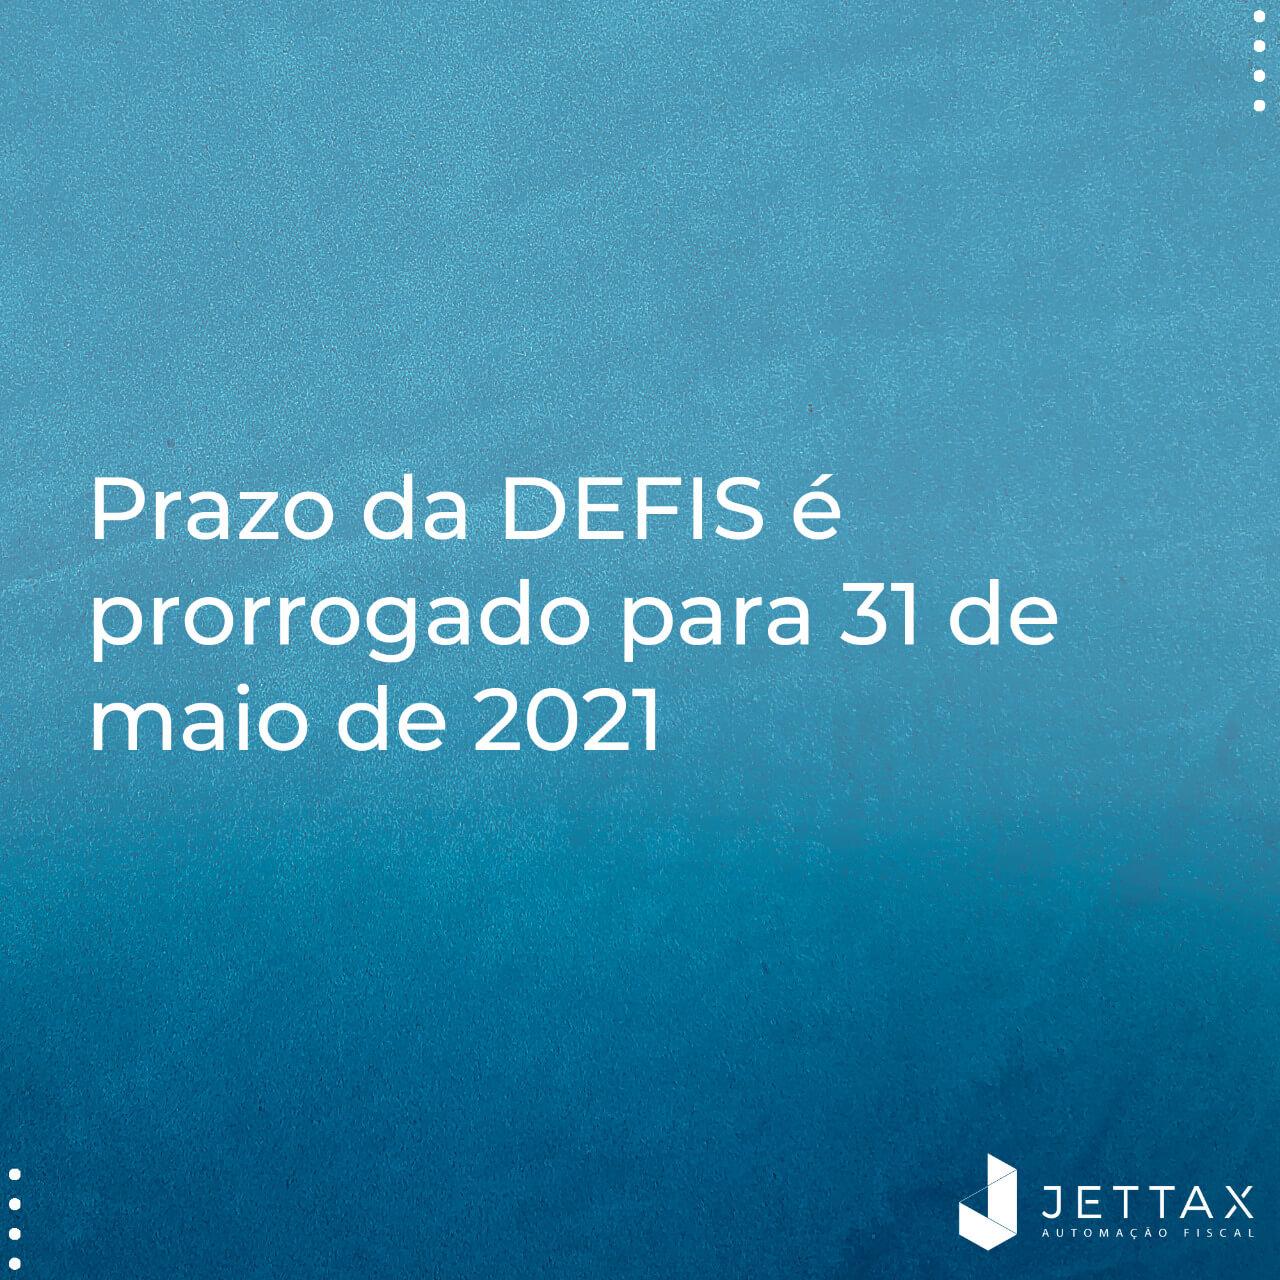 Prazo da DEFIS é prorrogado para 31 de maio de 2021